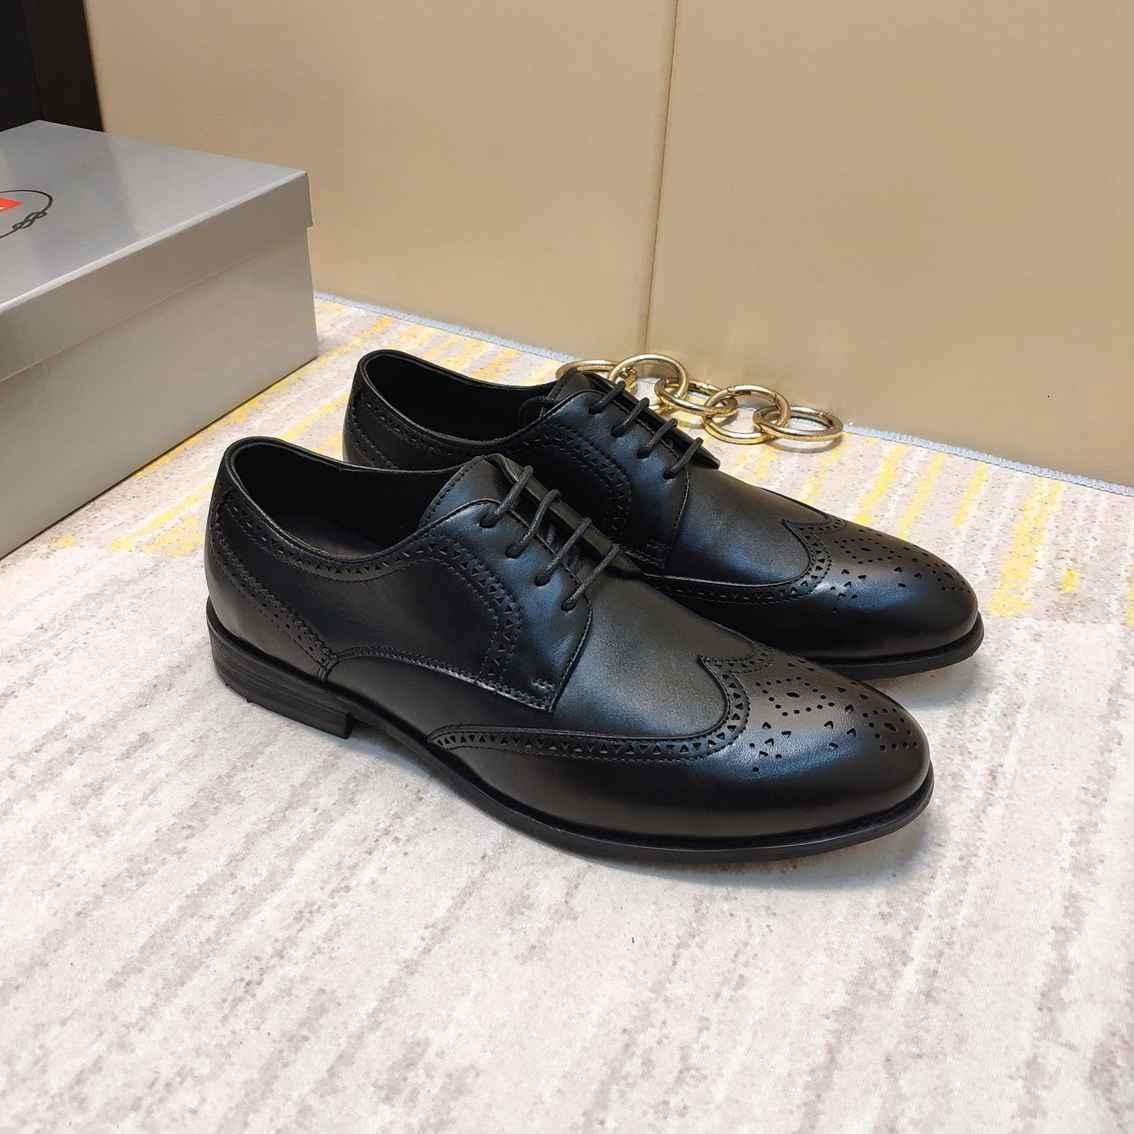 moda casual business confortável vestido de noiva únicos plana sapatos de couro dos homens 110601